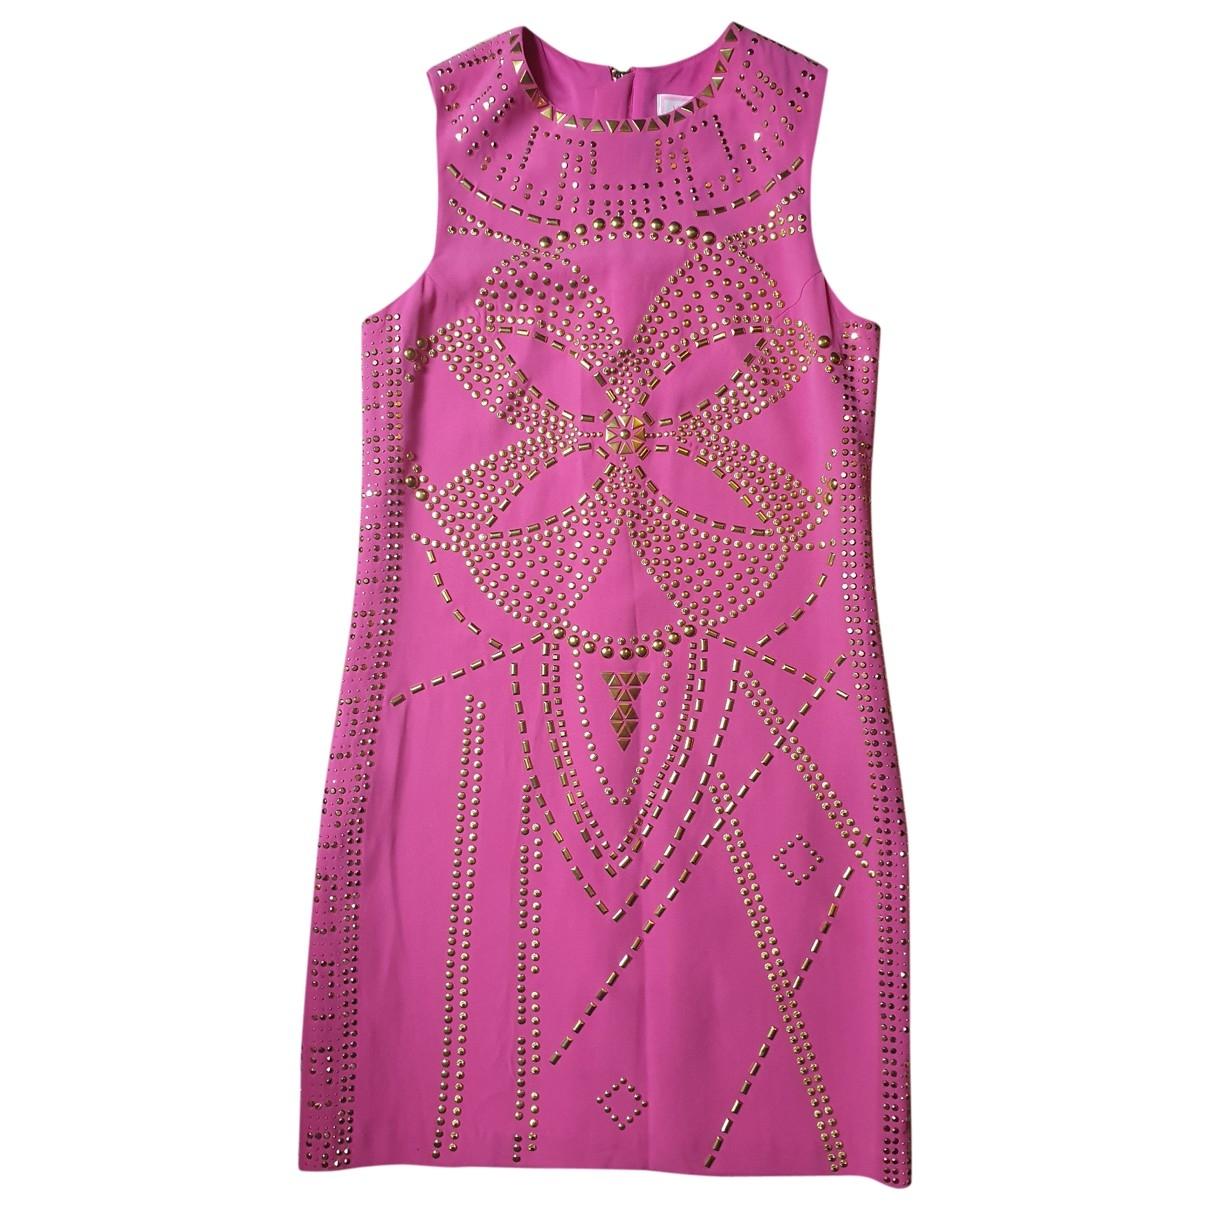 Versace X H&m - Robe   pour femme en soie - rose